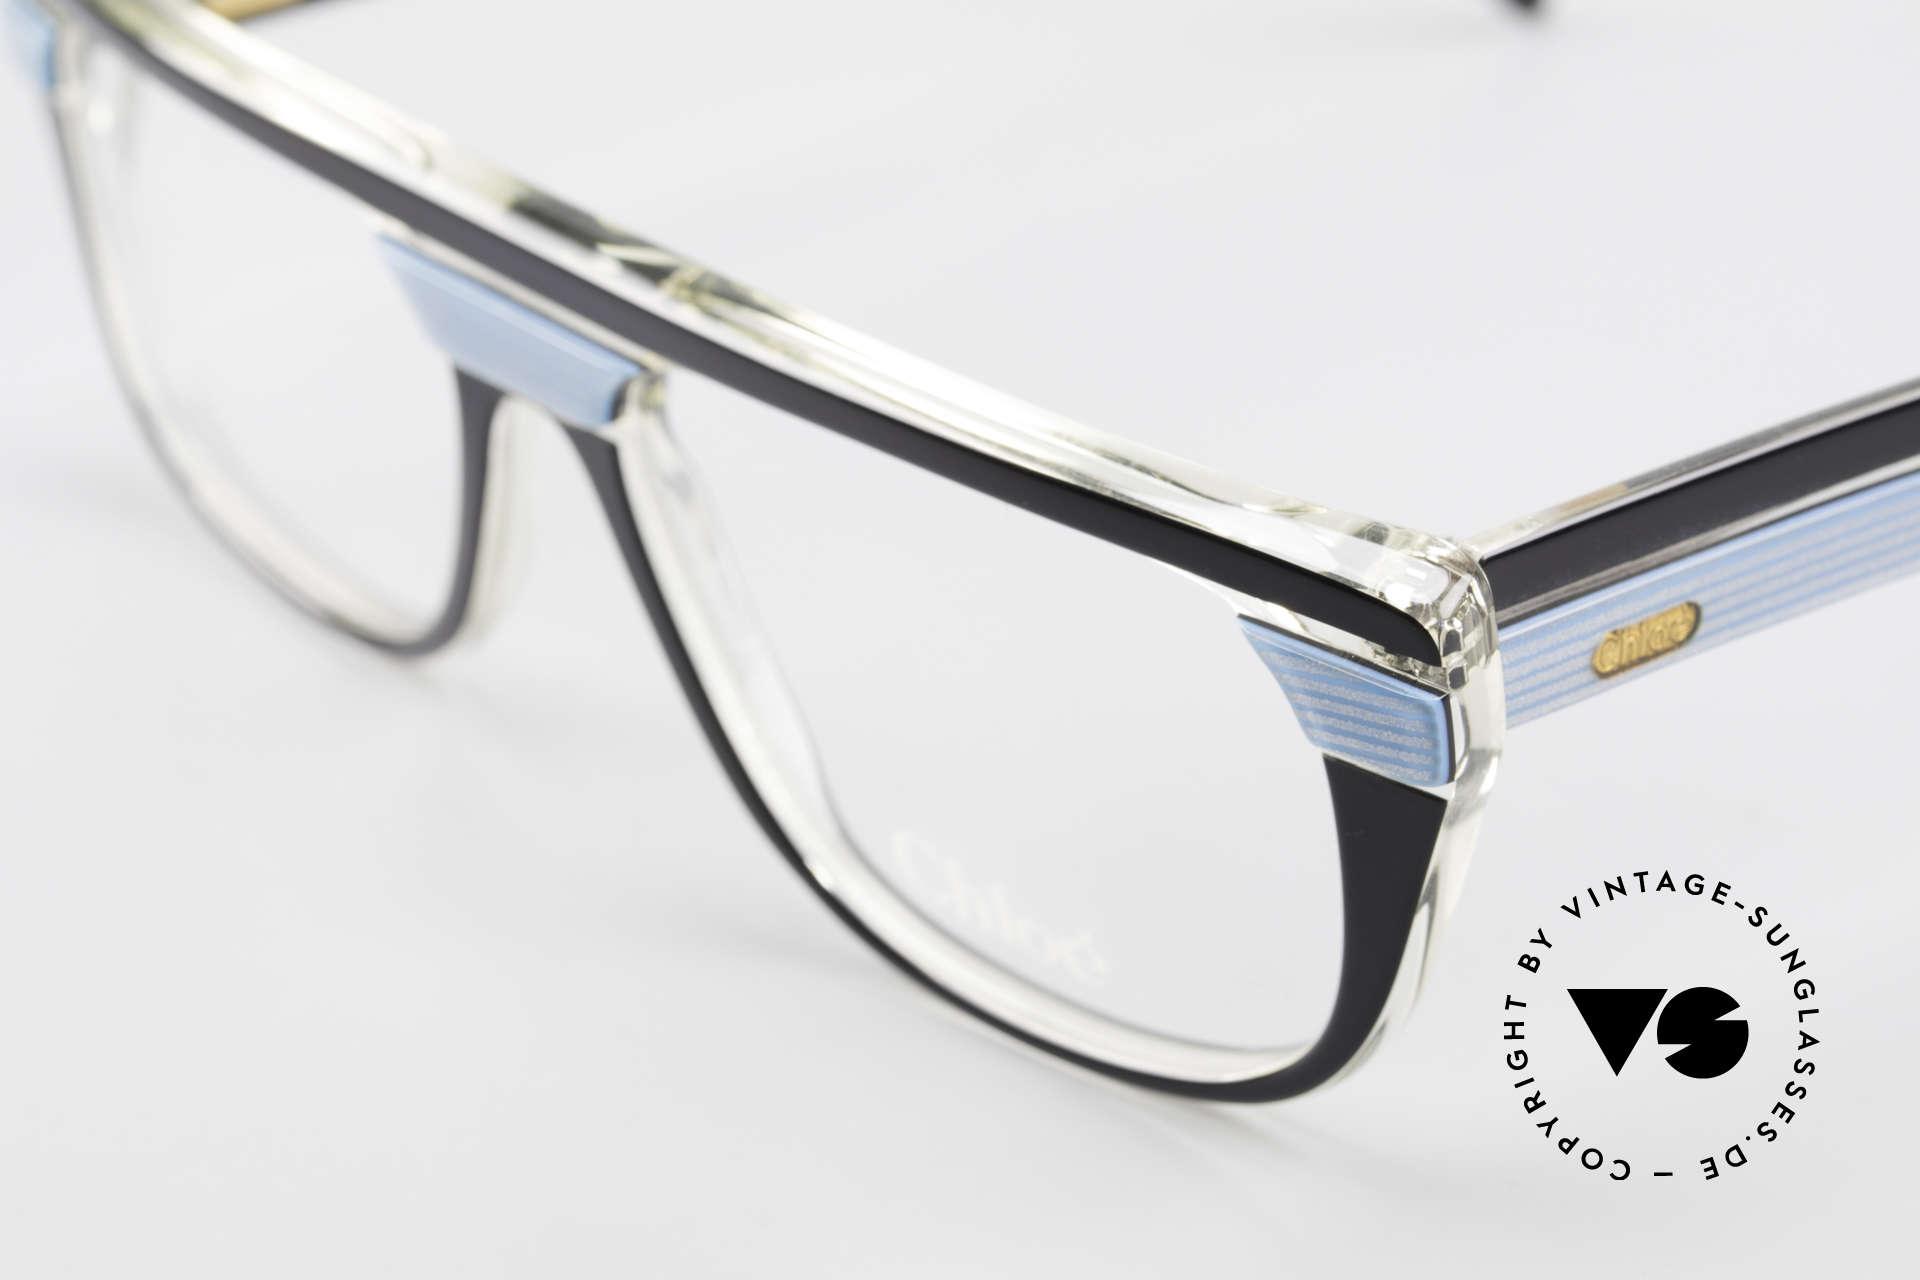 Chloe 8361 Rare Alte 80er Vintage Brille, Keine Retrobrille, sondern ein altes 80er Original, Passend für Herren und Damen